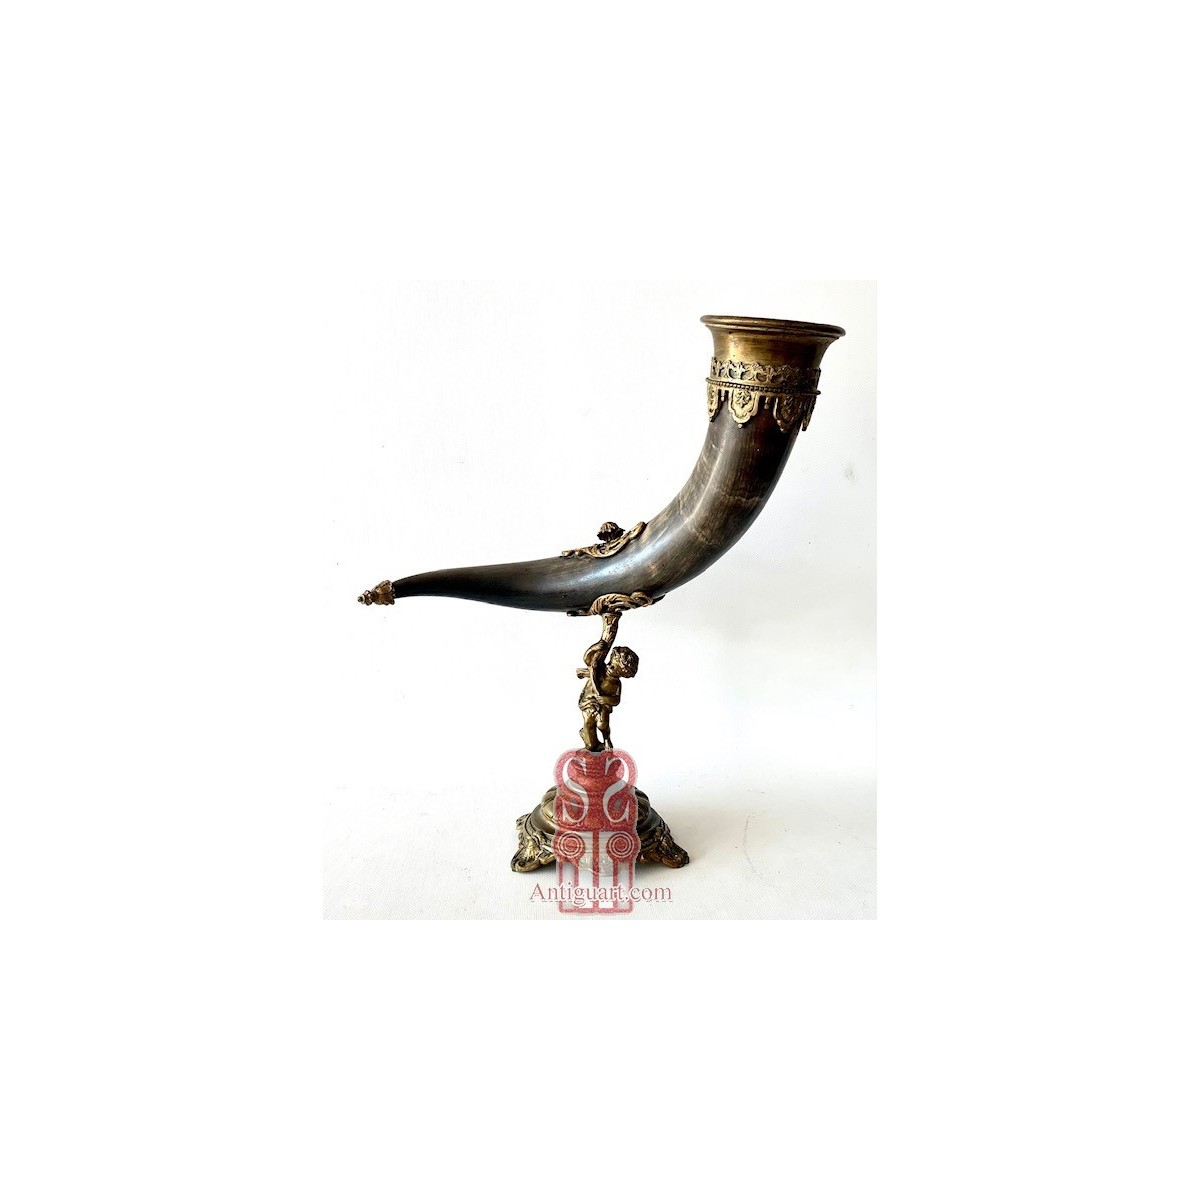 Cornucopia in horn and bronze, 19th